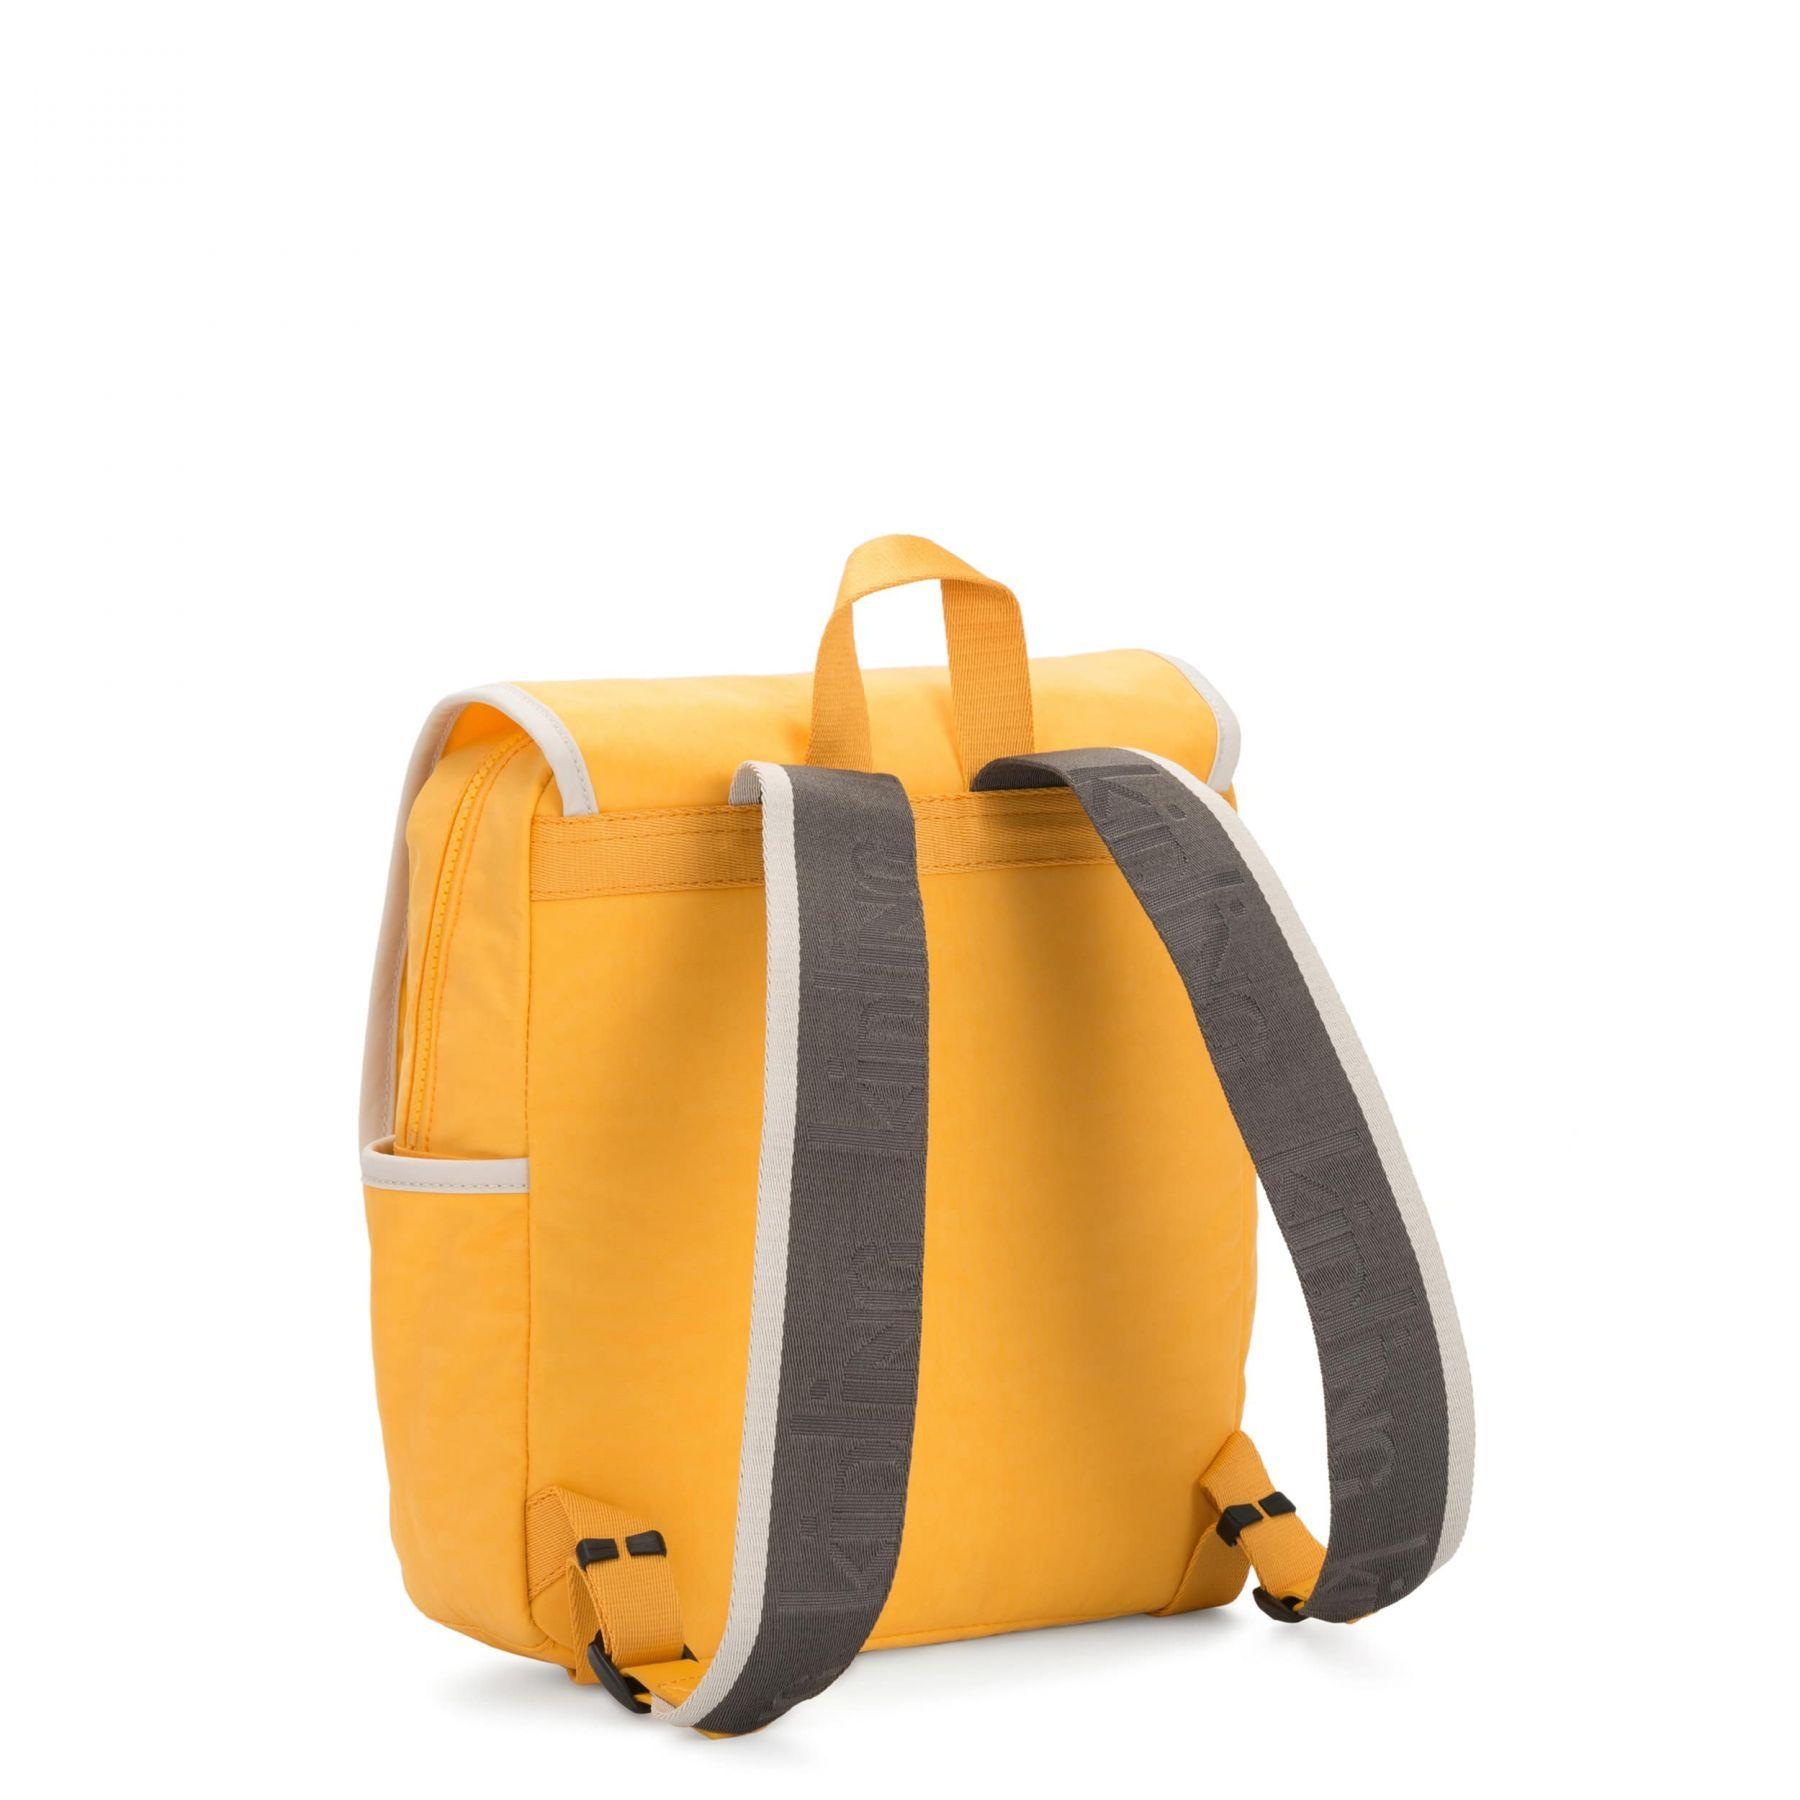 Mochila Pequena Kipling Leonie Vivid Yellow